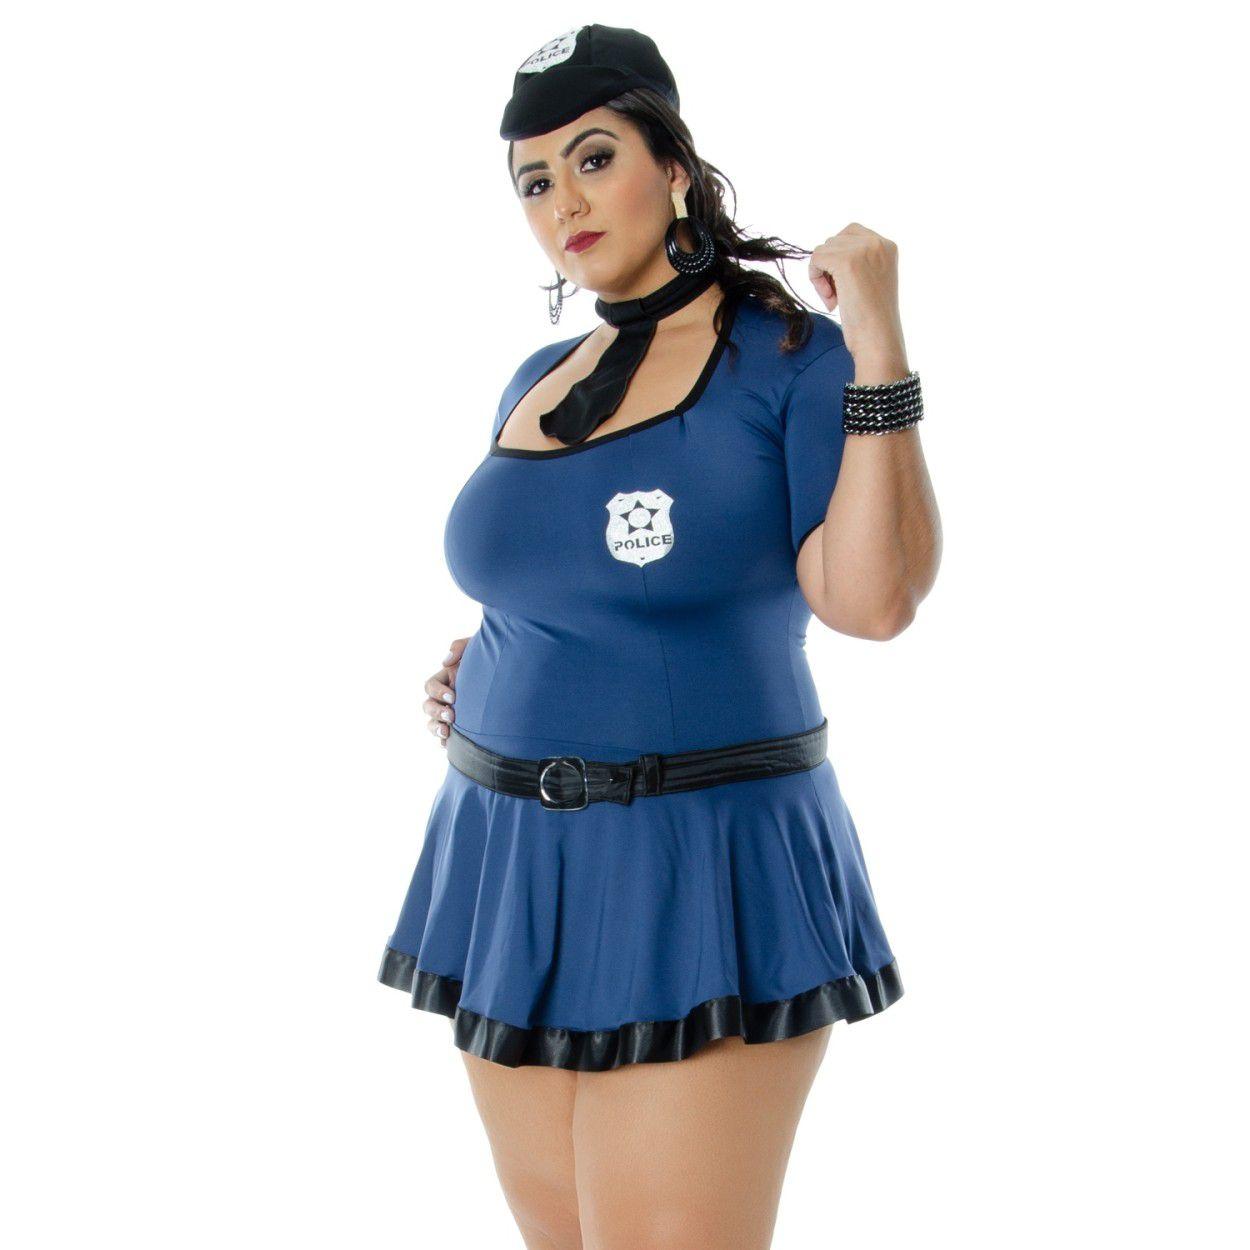 Fantasia Policial Violeta Plus Size (Veste Manequins 44 ao 50)